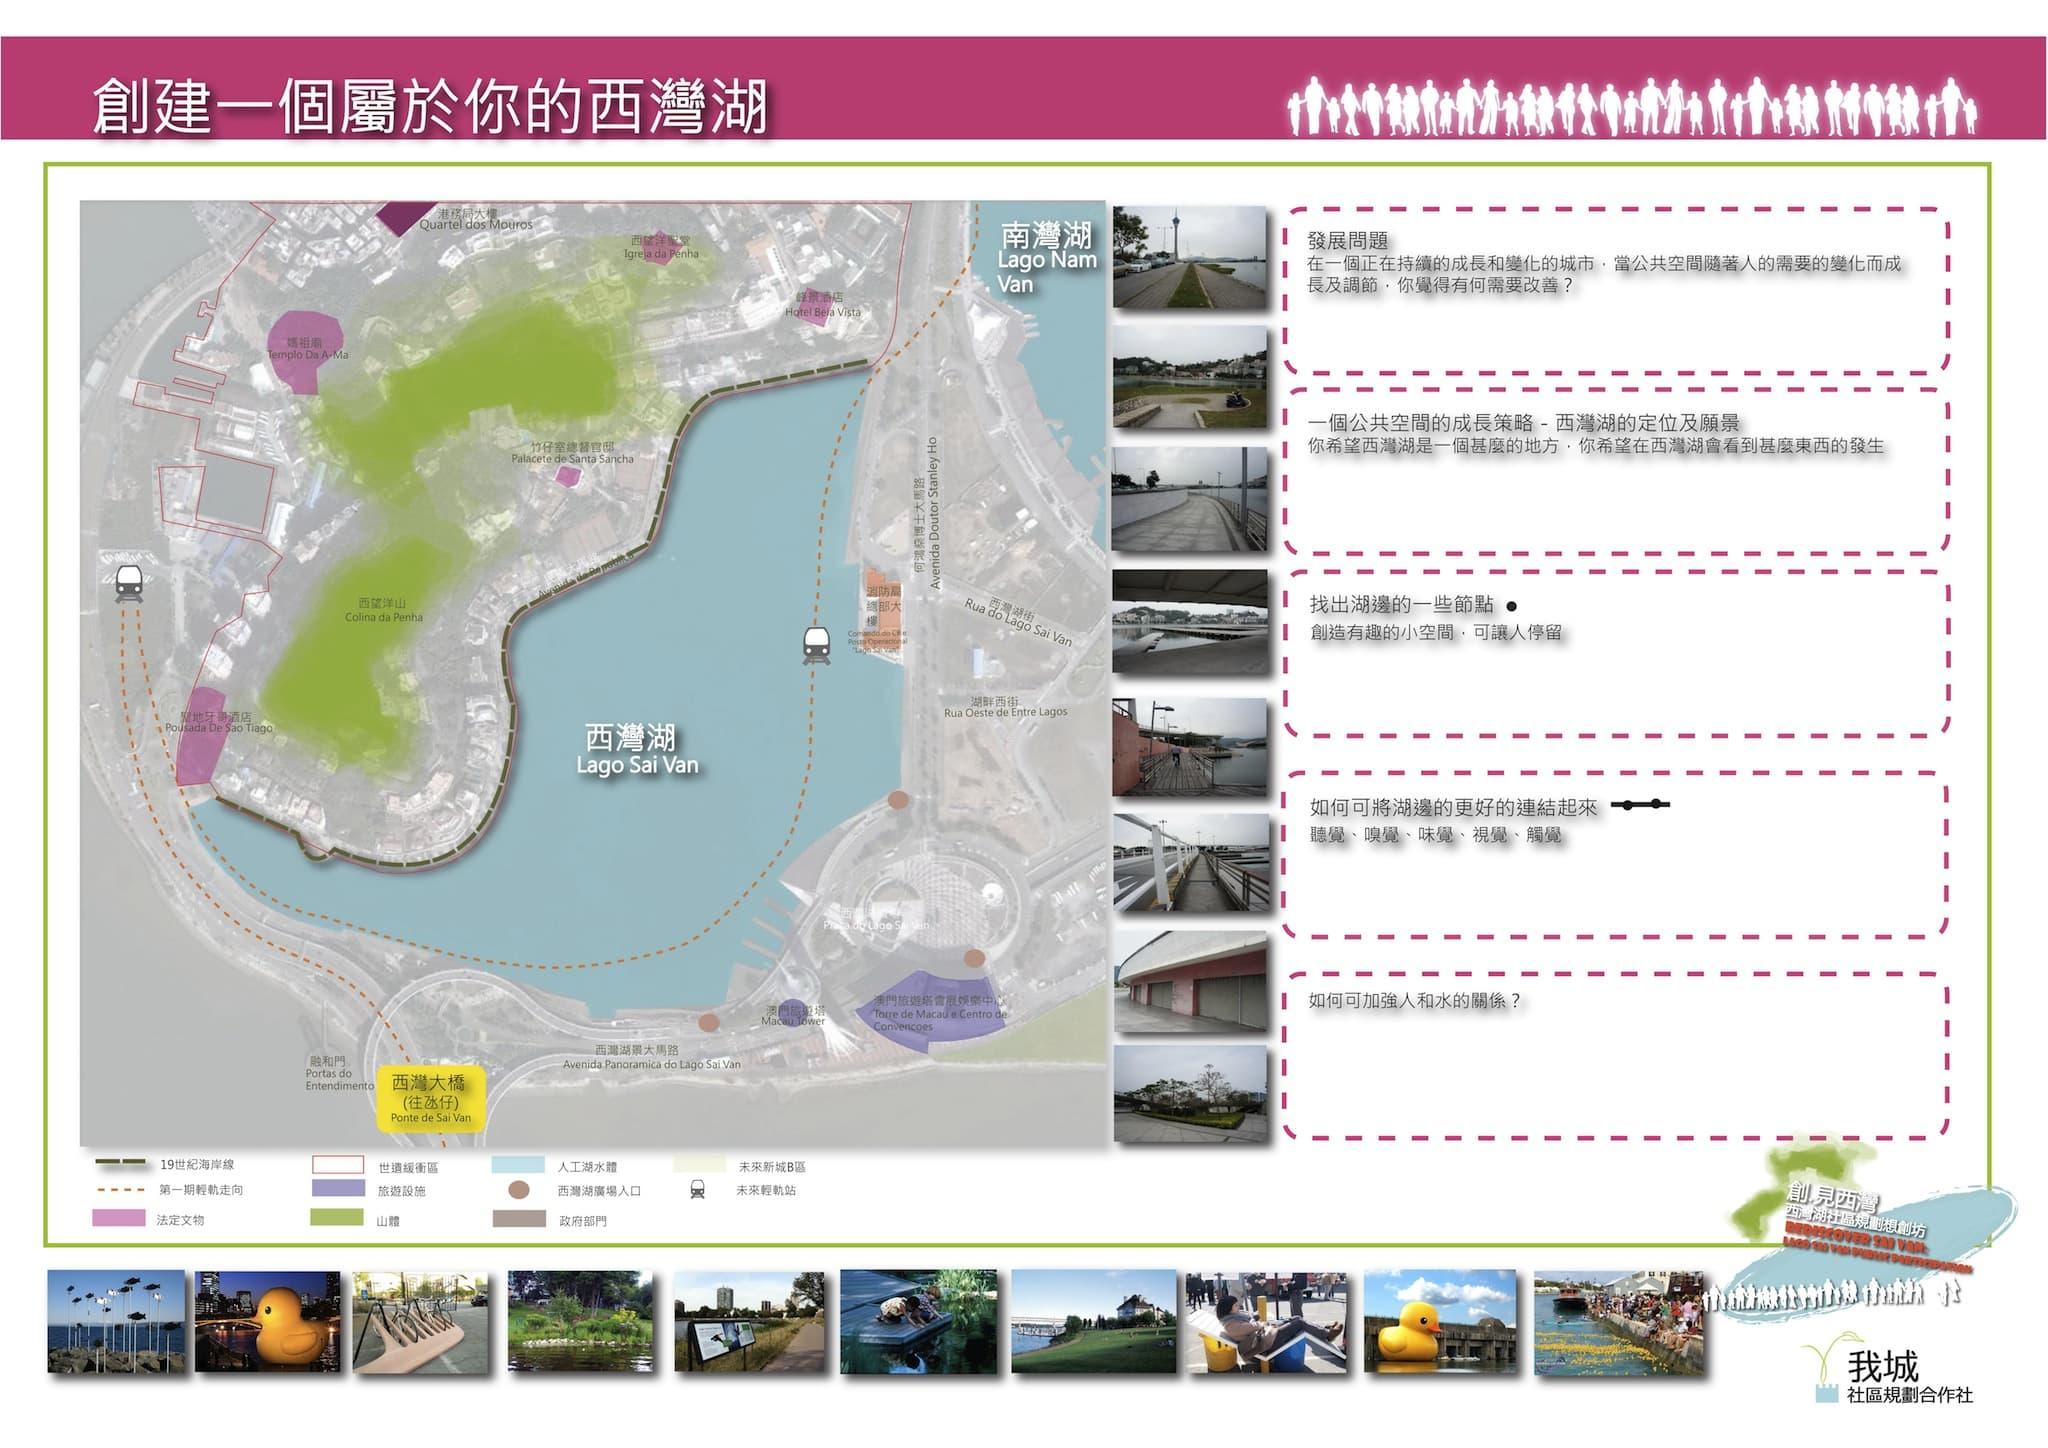 專訪我城規劃合作社有關《創‧見西灣湖:西灣湖社區規劃想創坊》籌辦理念